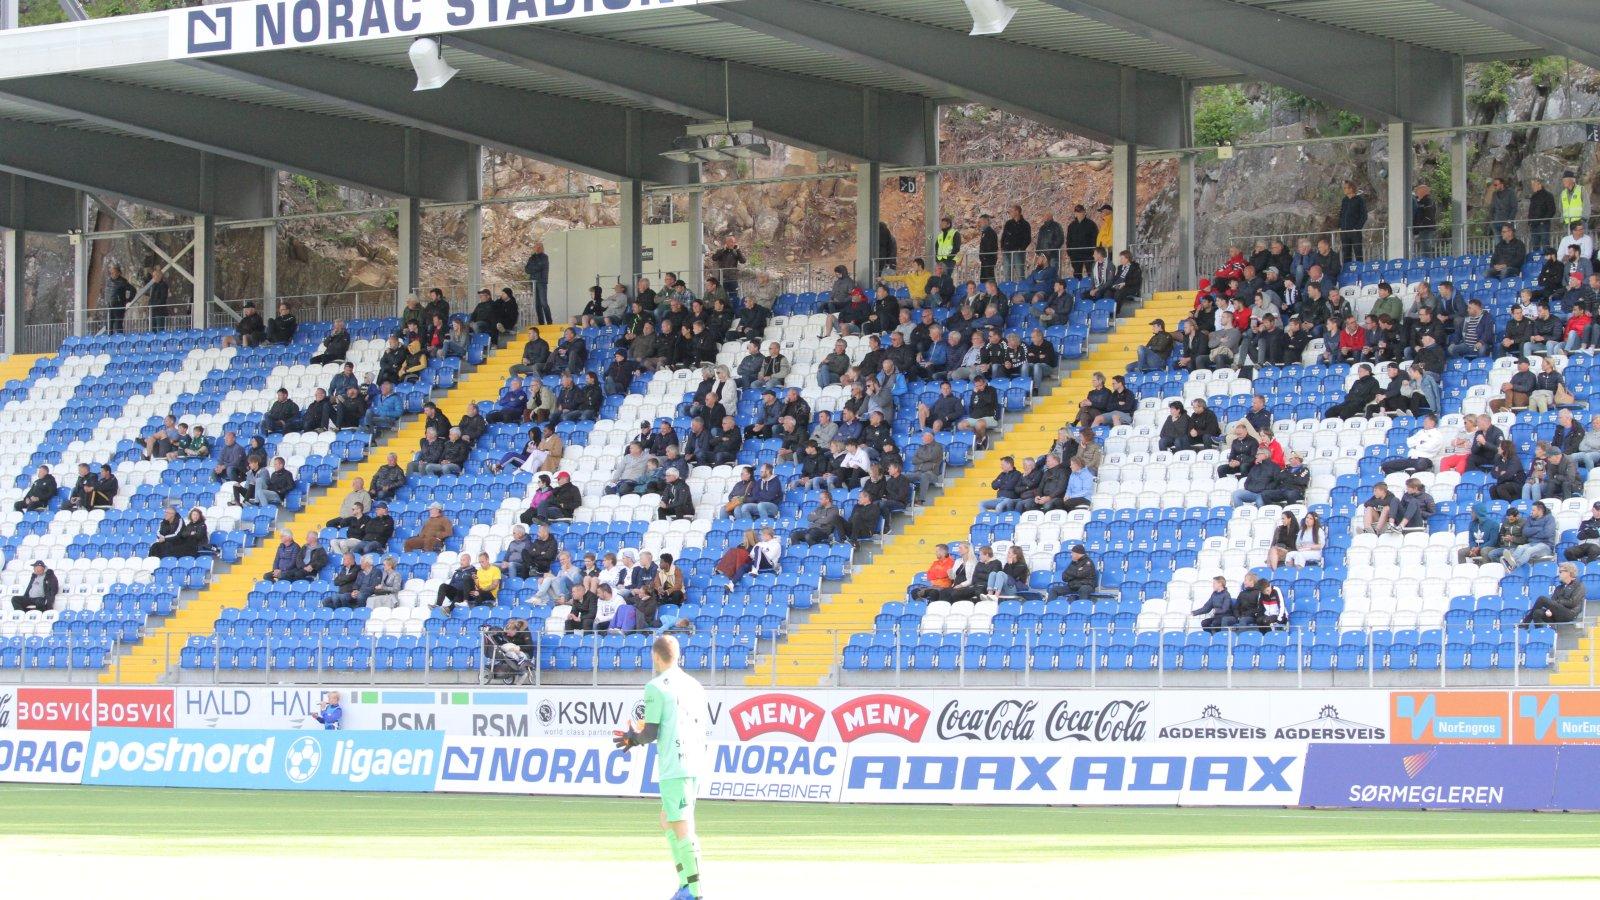 Blant tilskuerne er mange potensielle medlemmer i Arendal Fotball. Nå håper vi at flere vil melde seg inn i klubben og bli medlemmer.